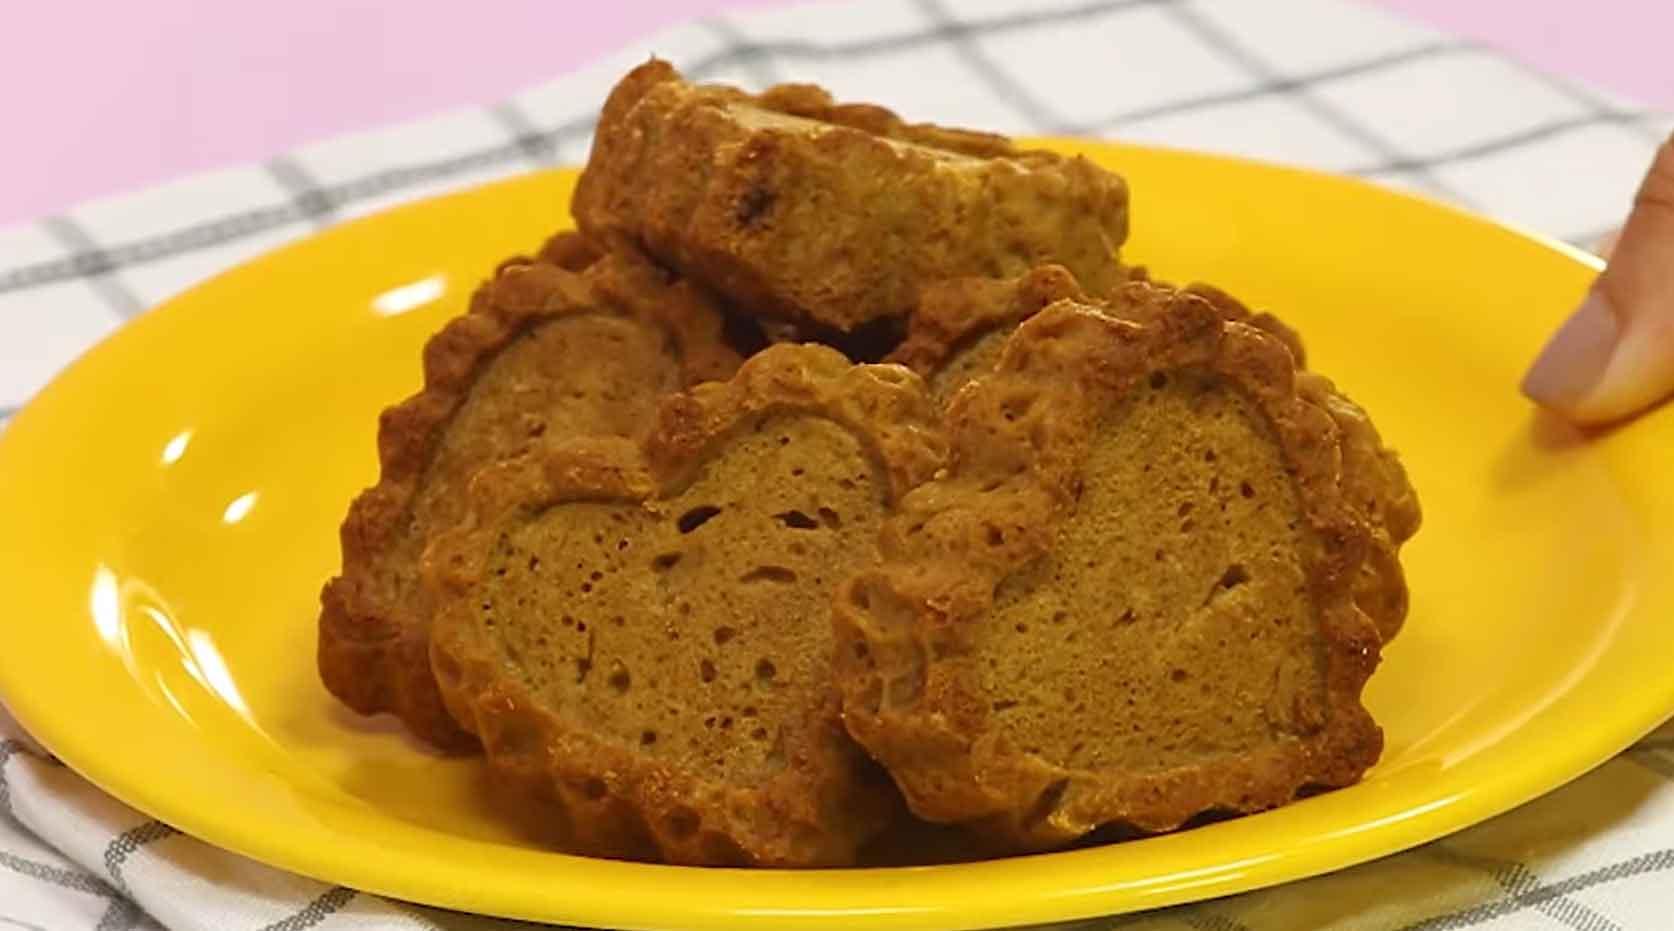 Receita fácil de de bolinho de maçã, gengibre e açúcar mascavo da Ana Maria Braga. Foto: Reprodução Youtube